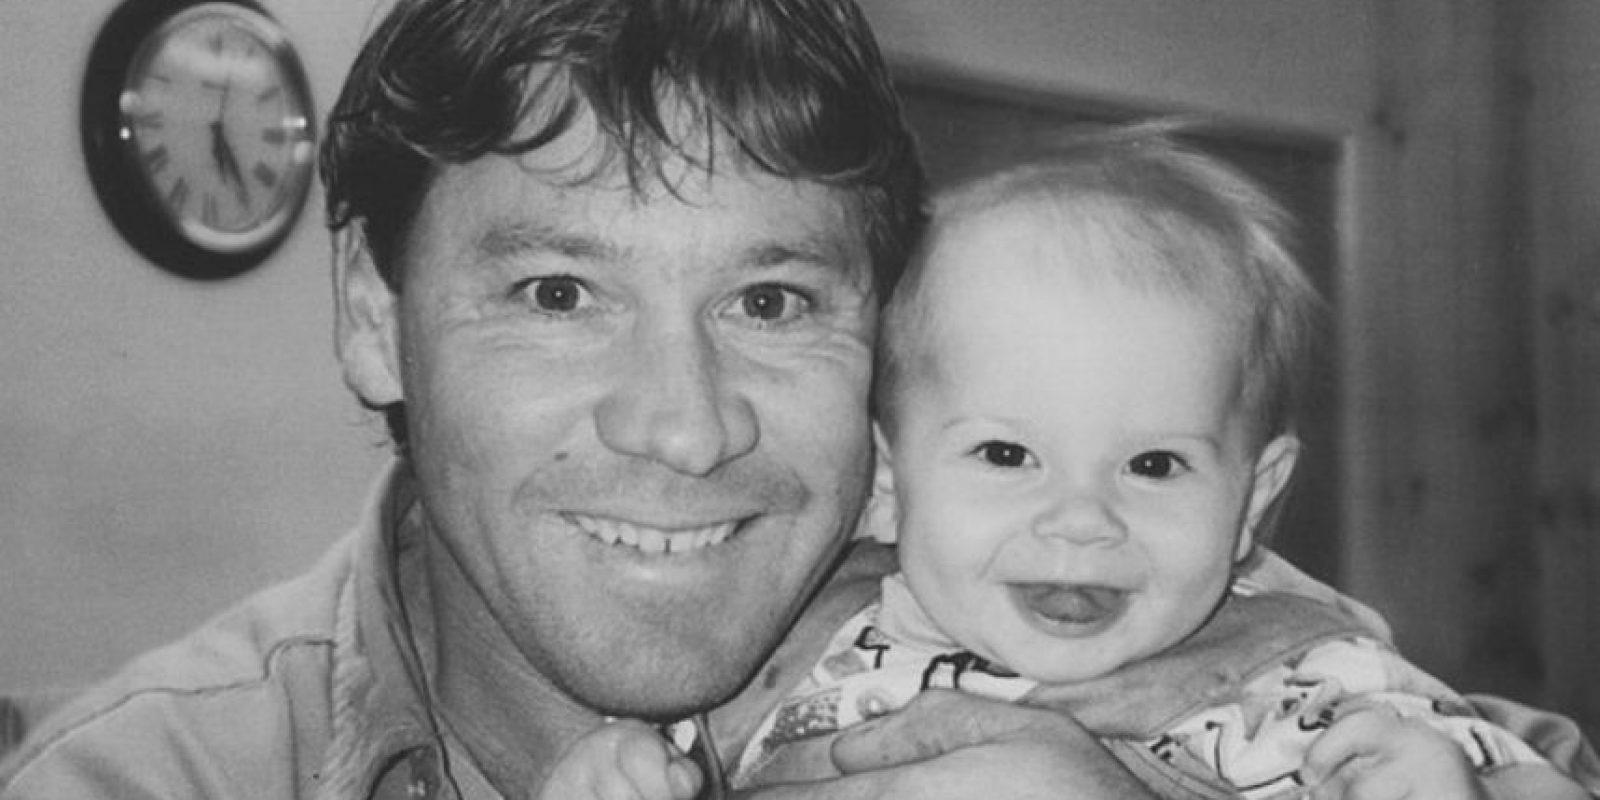 Bindi Sue Irwin es la primera hija del matrimonio que conformaron Terri y Steve Irwin, conservacionistas y presentadores de televisión. Cumplirá 17 años en julio. Foto:vía Instagram/bindisueirwin